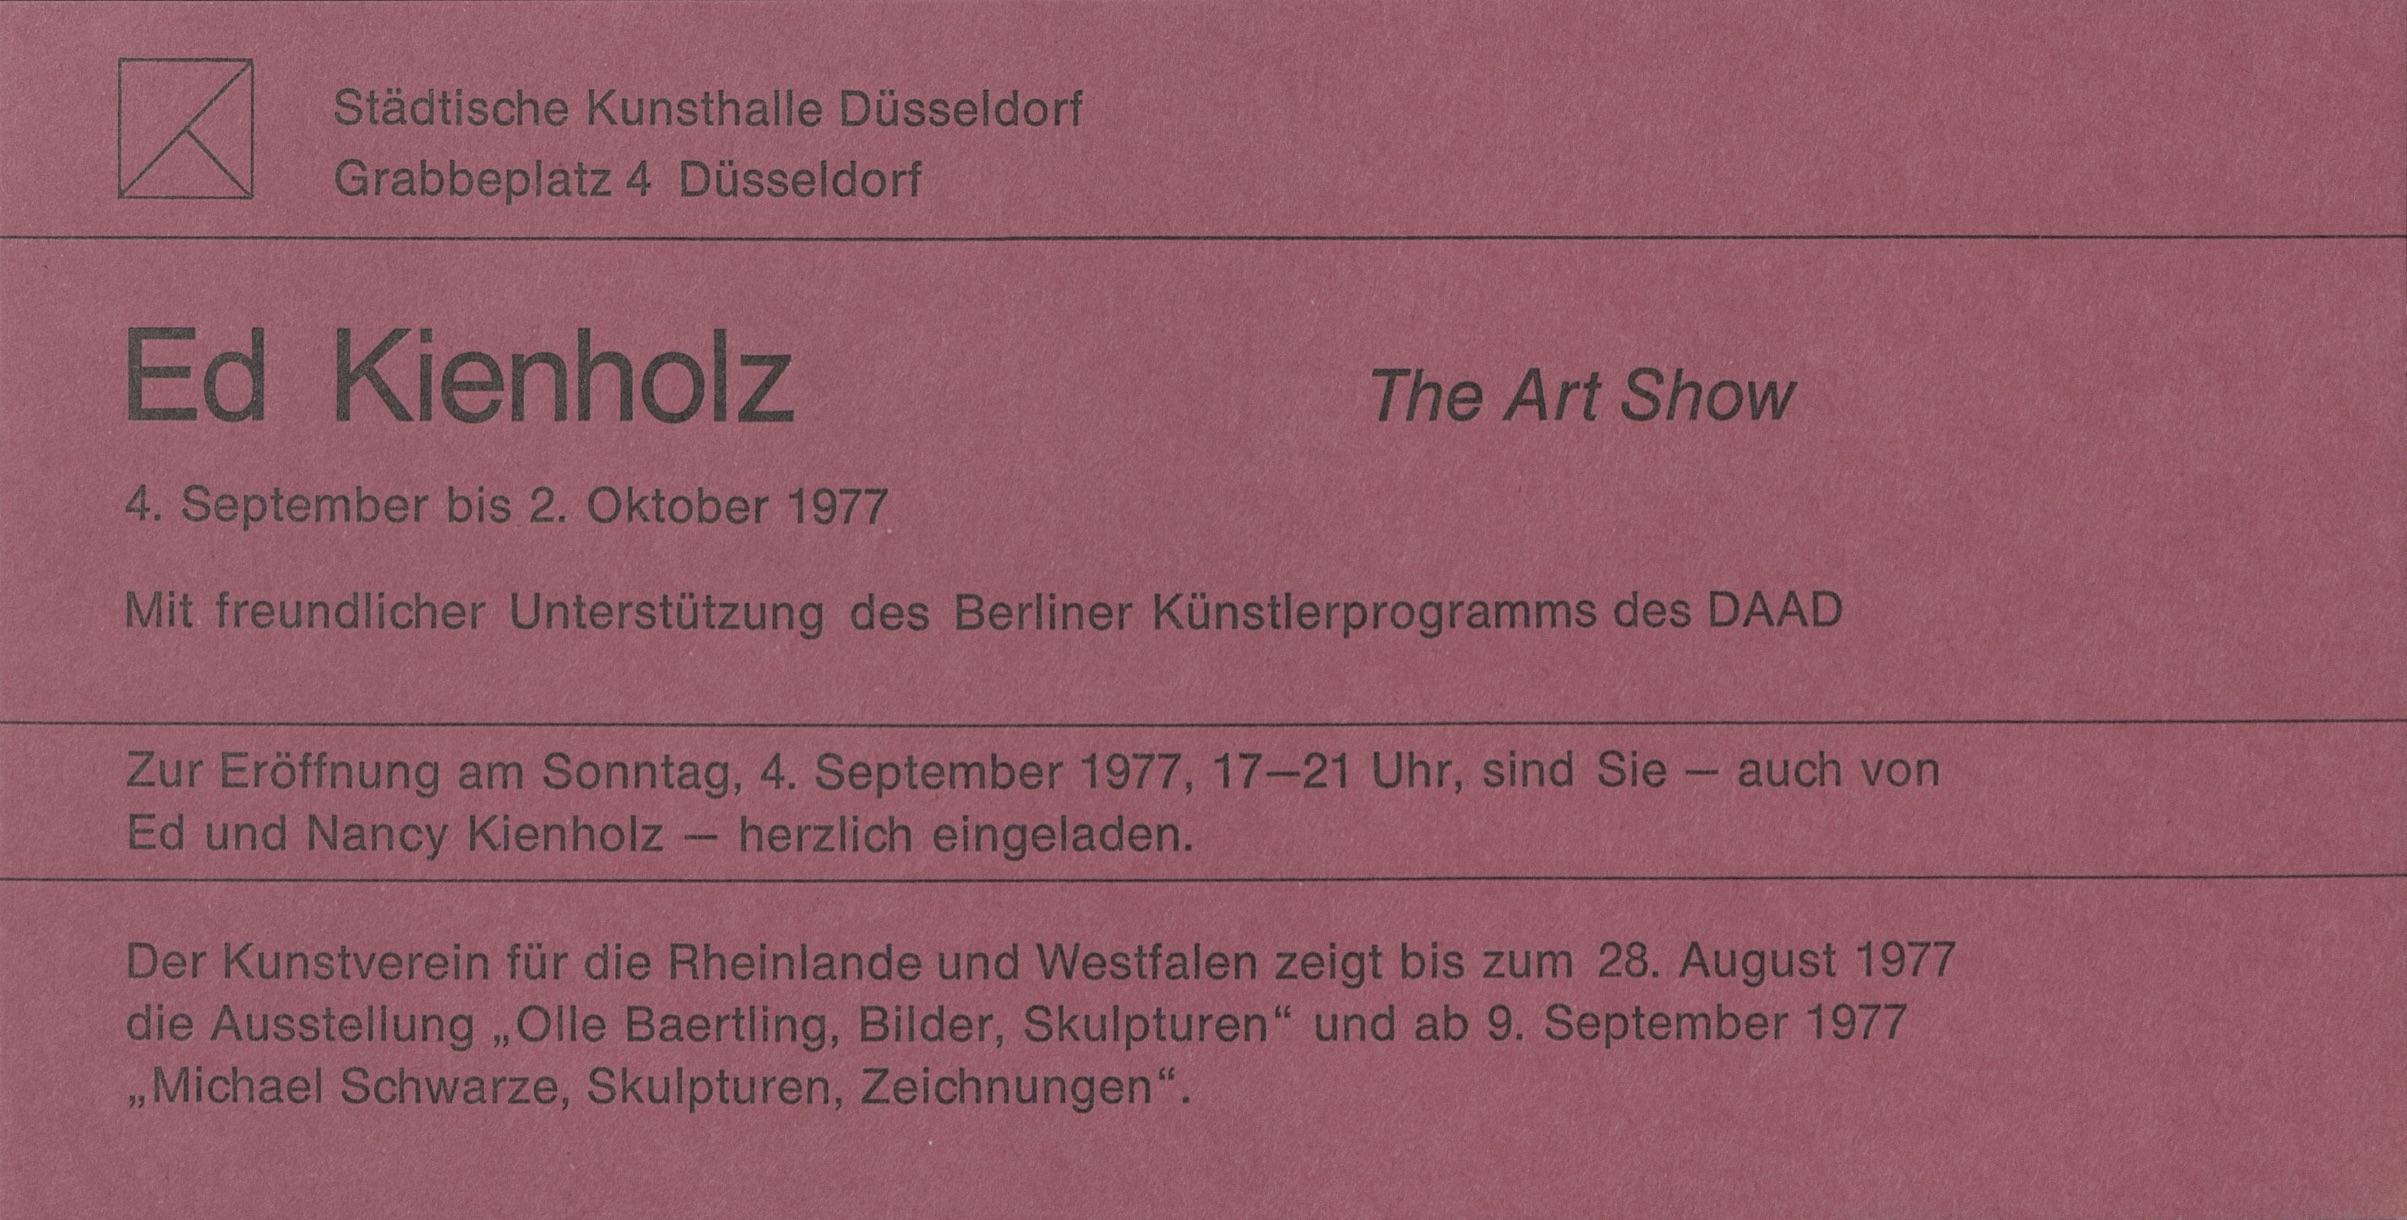 Ed Kienholz, THE ART SHOW, Städtische Kunsthalle Düsseldorf, 1977 (INVITATION); Archiv der Avantgarden, Staatliche Kunstsammlungen Dresden